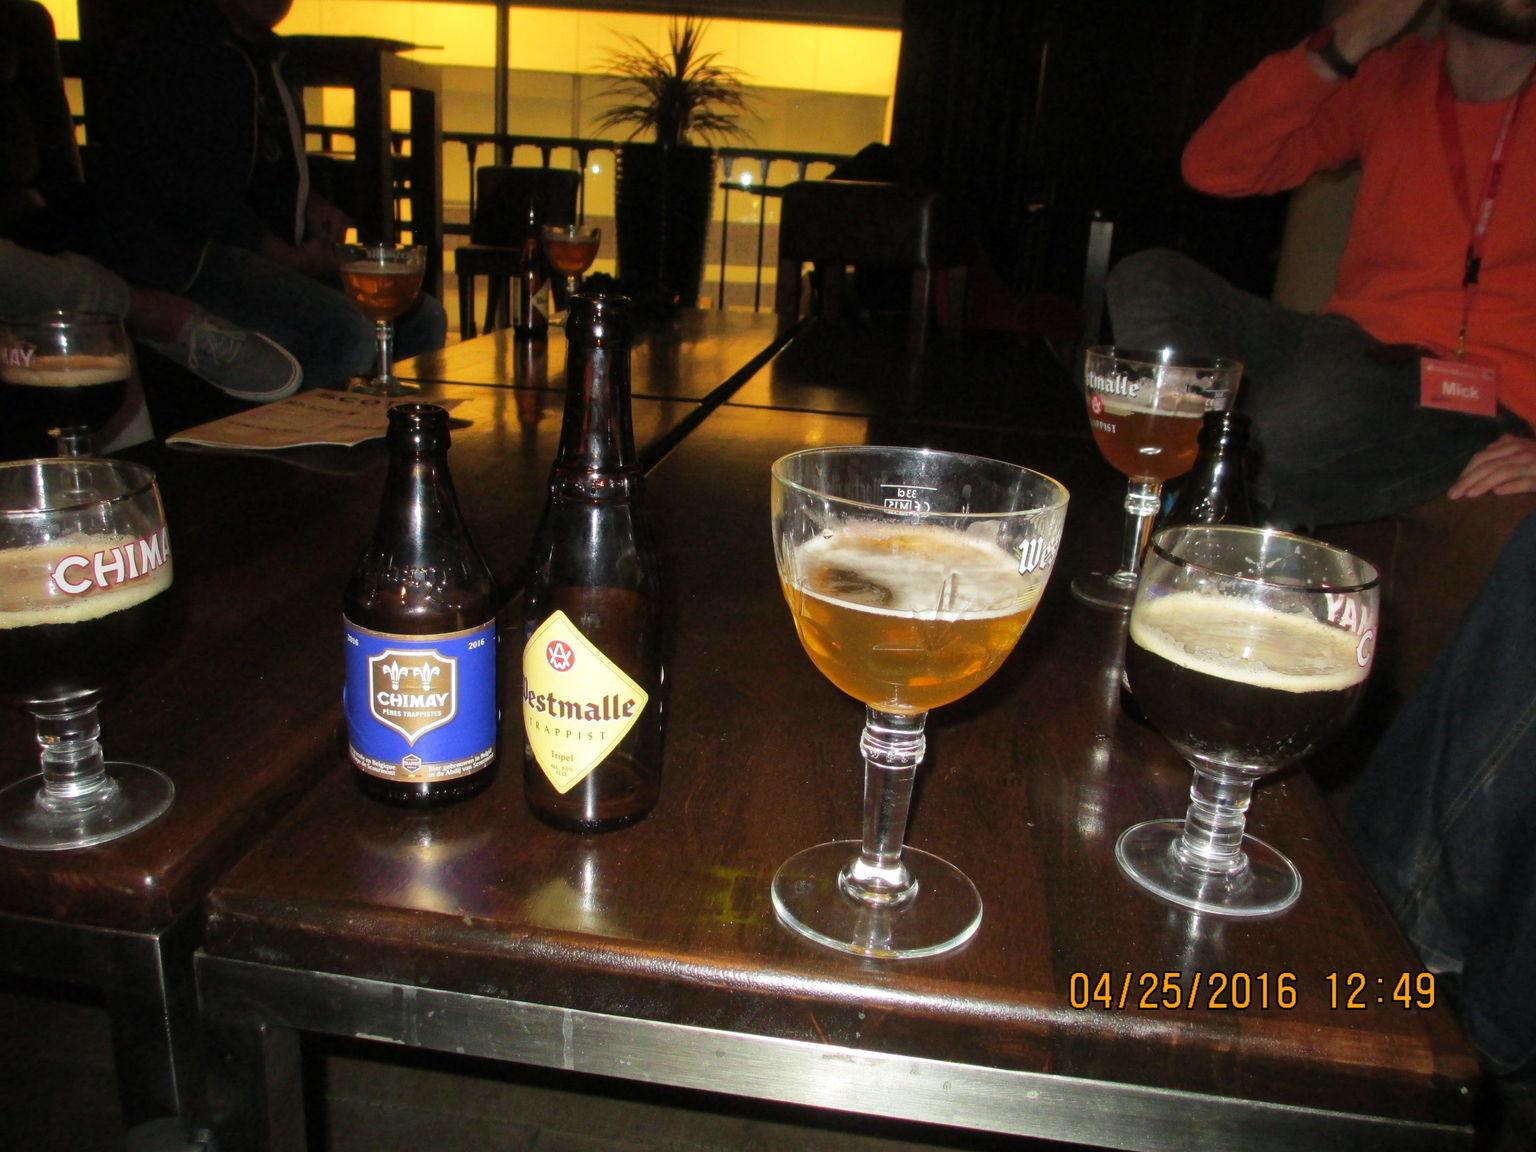 MÁS FOTOS, Cata de cerveza belga en Bruselas